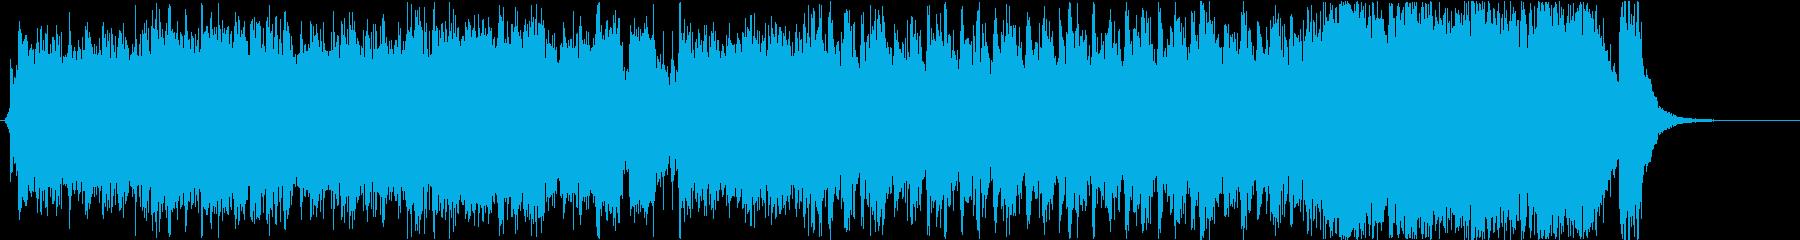 エピックファンタジーアドベンチャー1の再生済みの波形